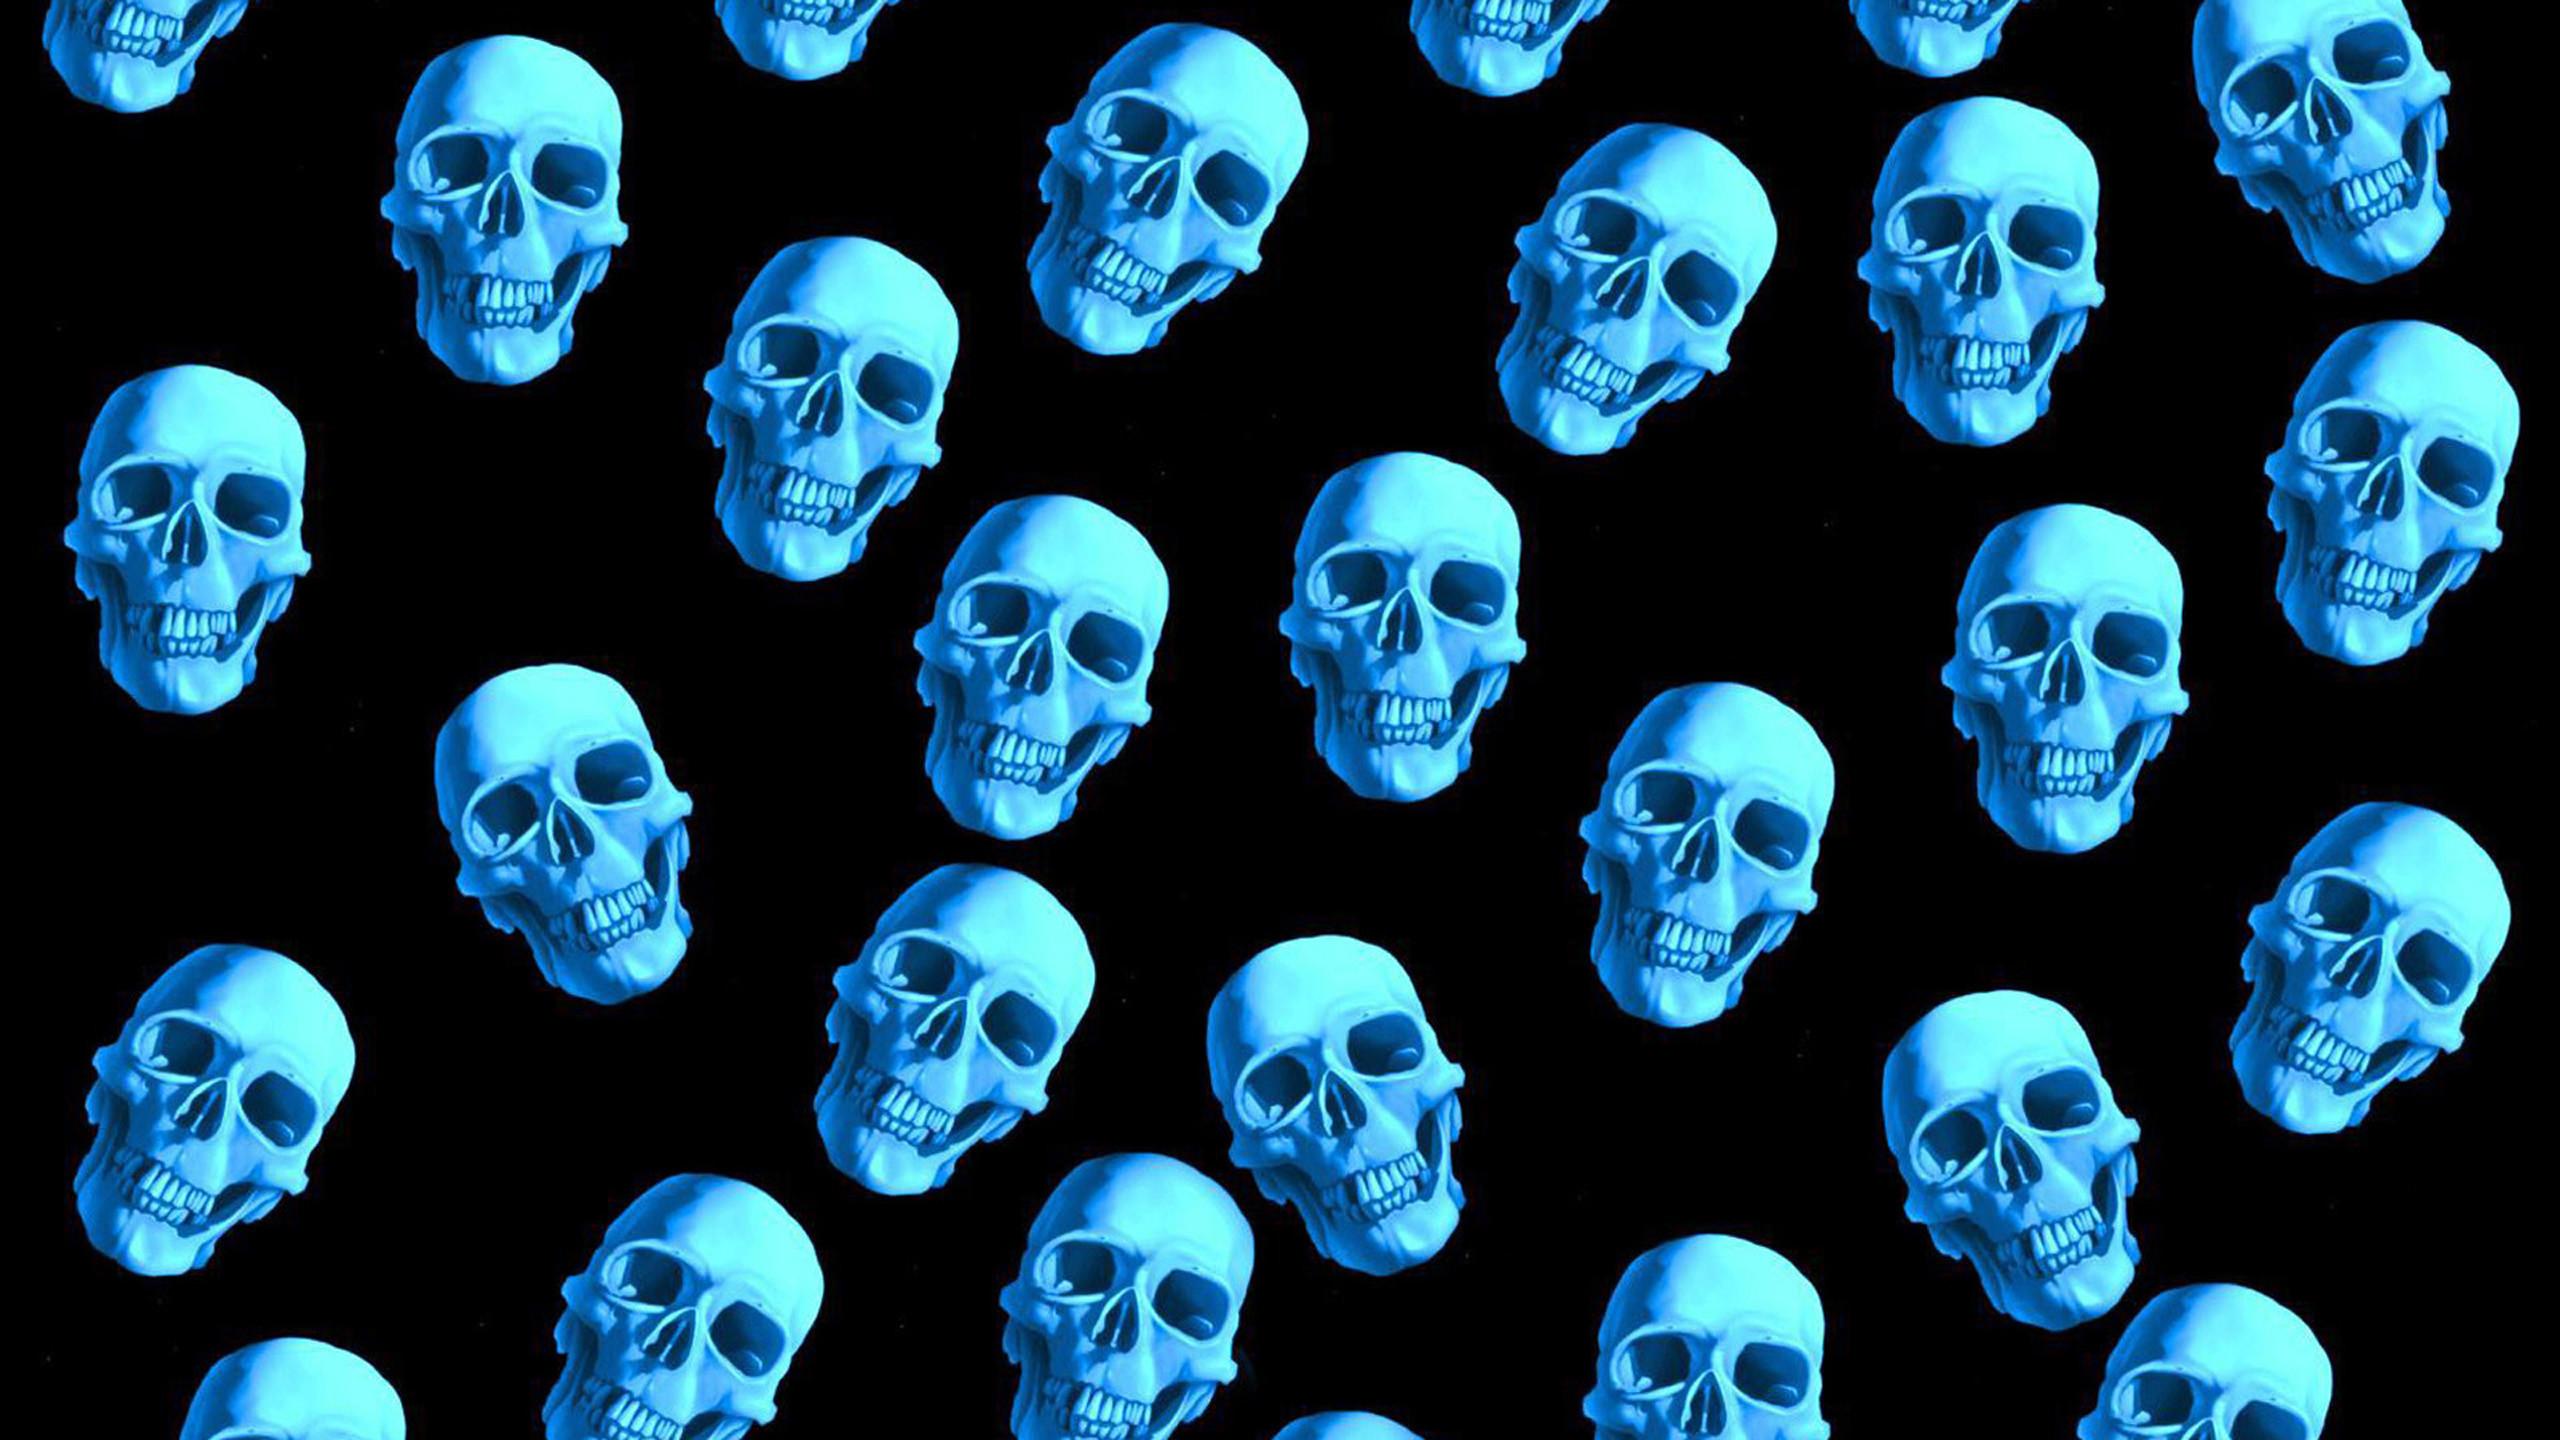 Skulls wallpaper 58 images 1920x1080 skeleton horror free abstractsdark tablet evil skull display occultdownload wallpaper hd voltagebd Choice Image